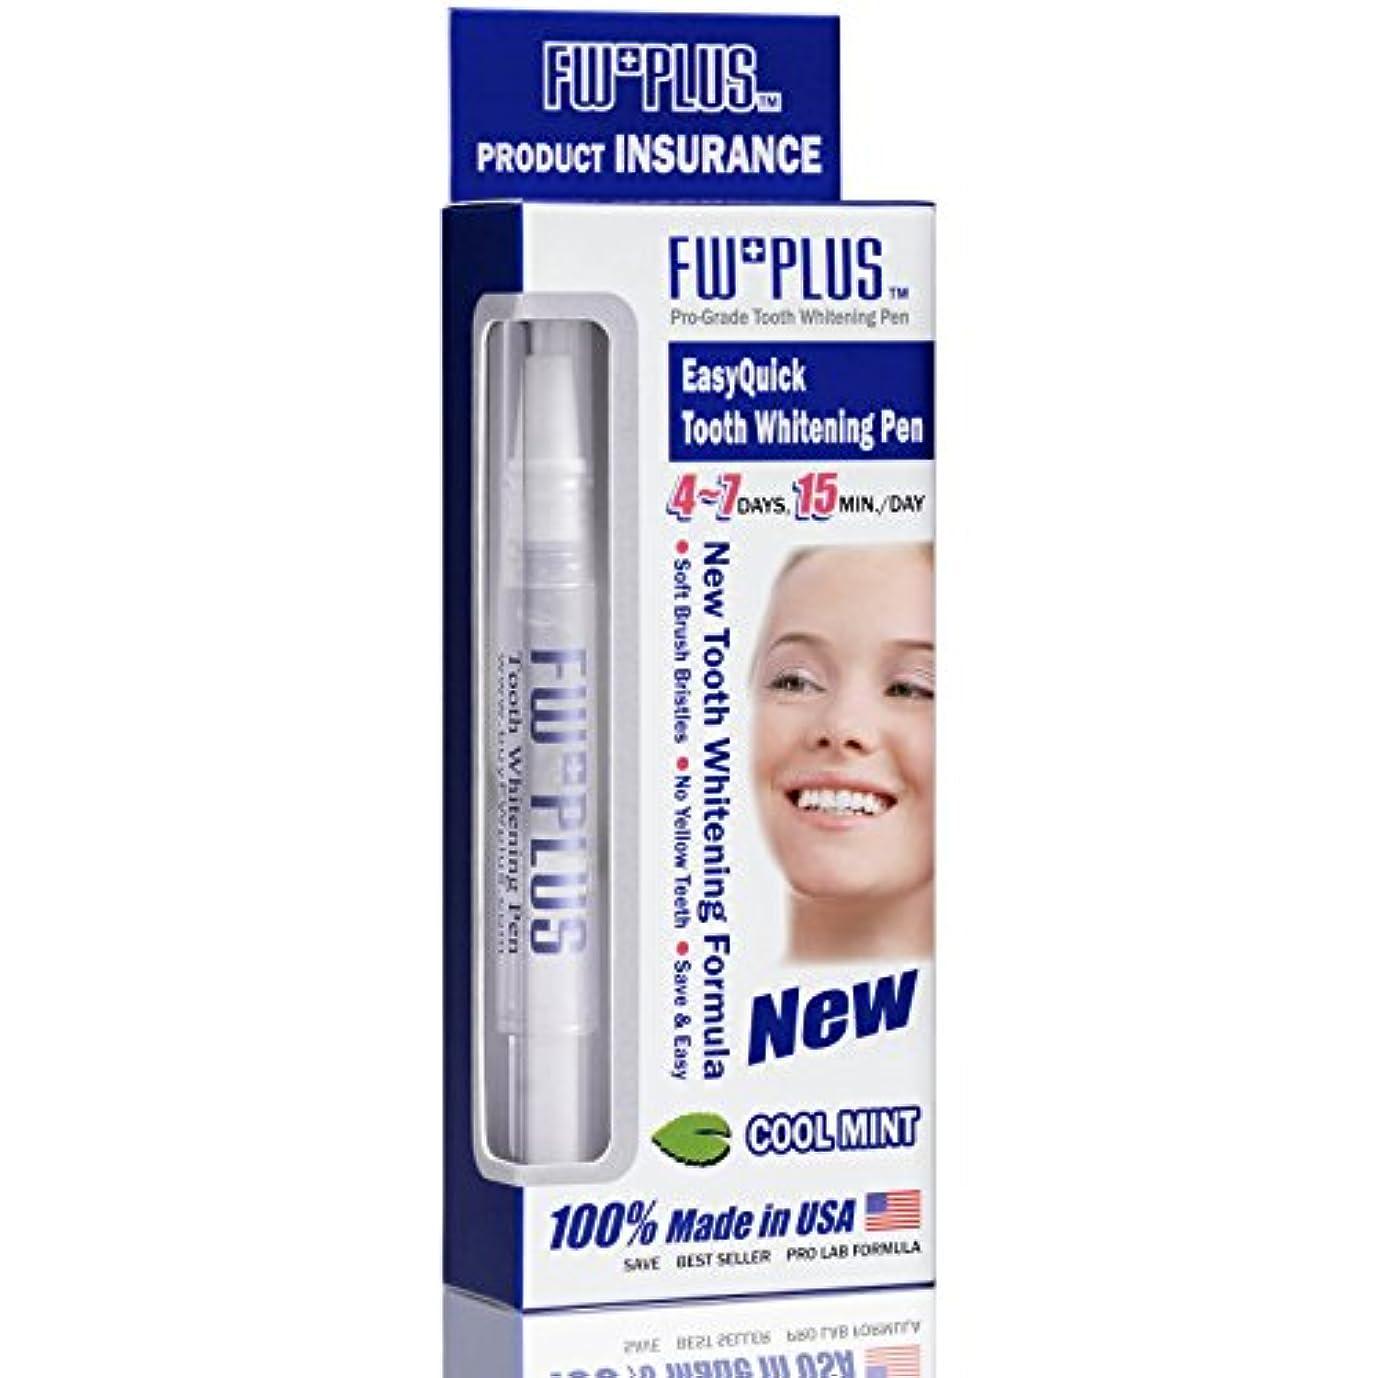 すばらしいです推進、動かす不安定なFW+PLUS菲斯華 歯を白くする 簡単即効ホーム歯ホワイトニングペン 歯ホワイトニング 人気 歯ホワイトニング ジェル